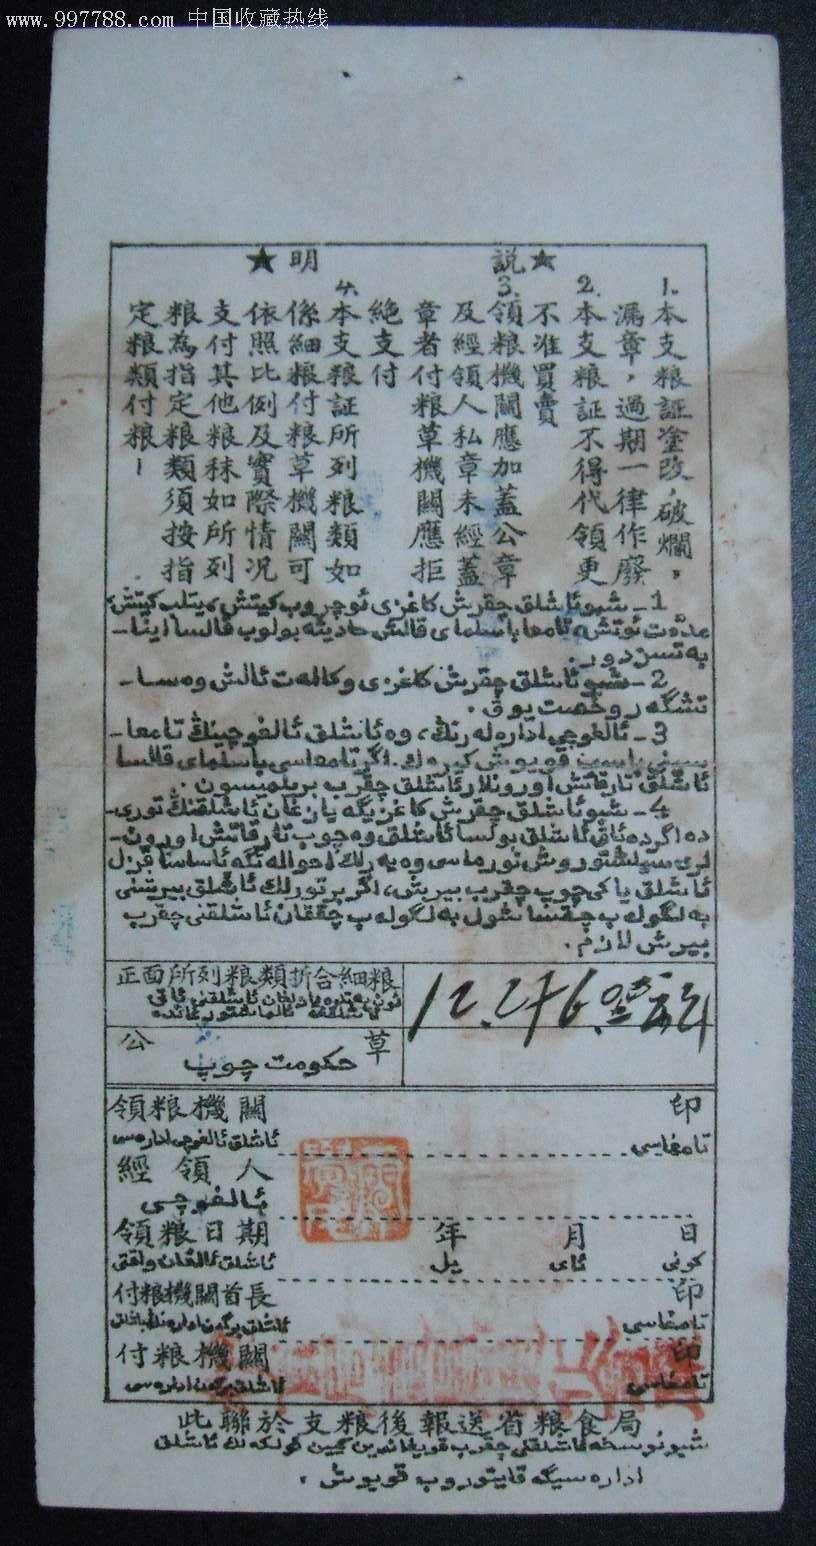 1951年新疆省粮食局支粮证壹万贰仟贰佰柒拾陆市斤一枚